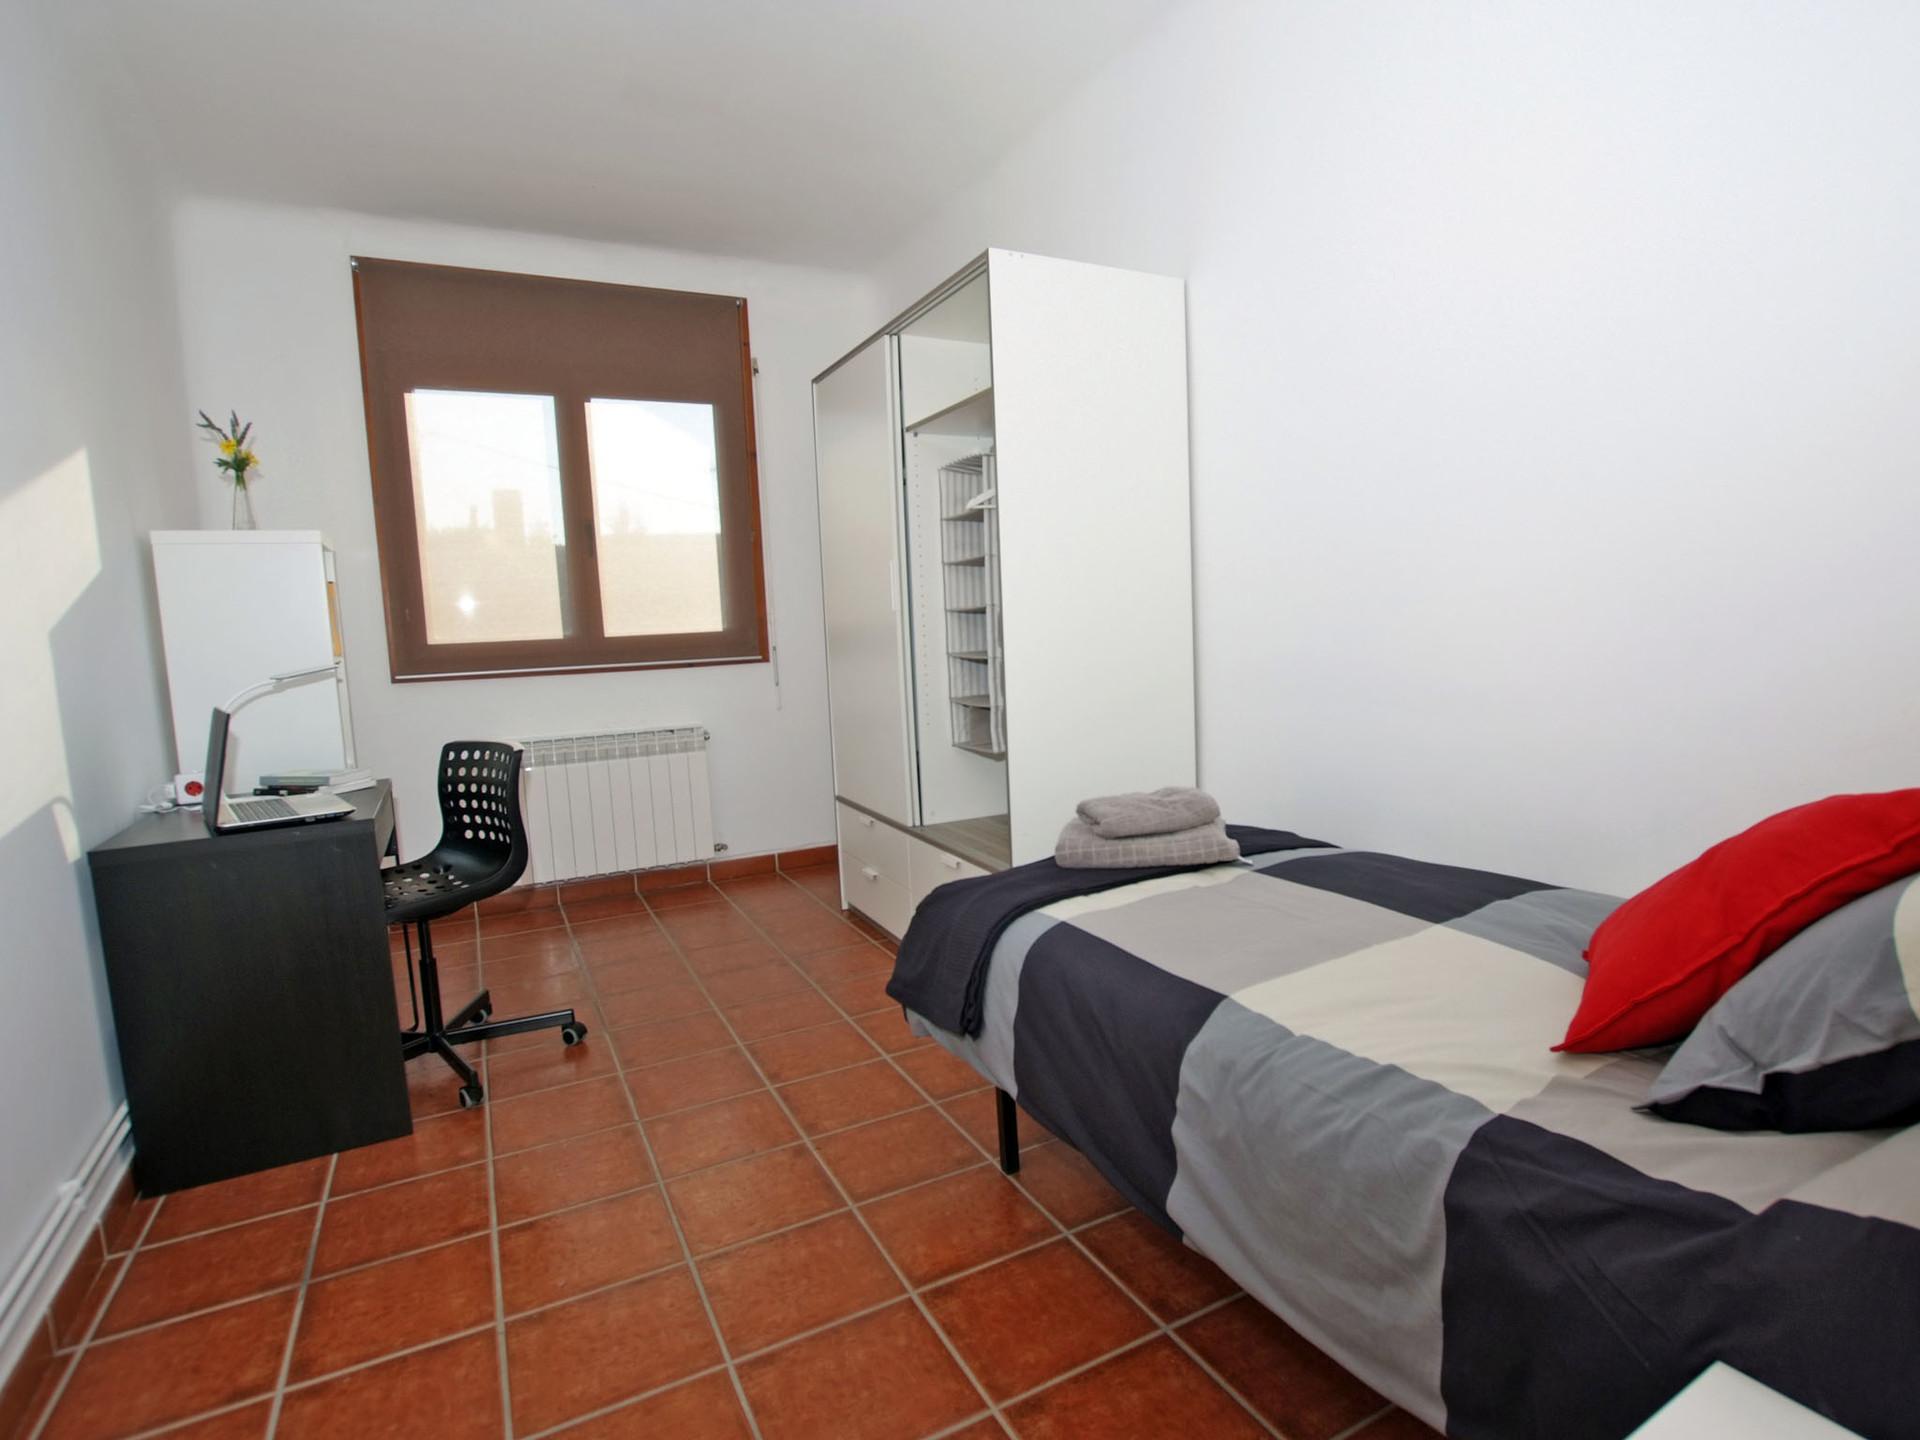 Residencia de estudiantes habitaci n individual for Se alquila habitacion para estudiantes